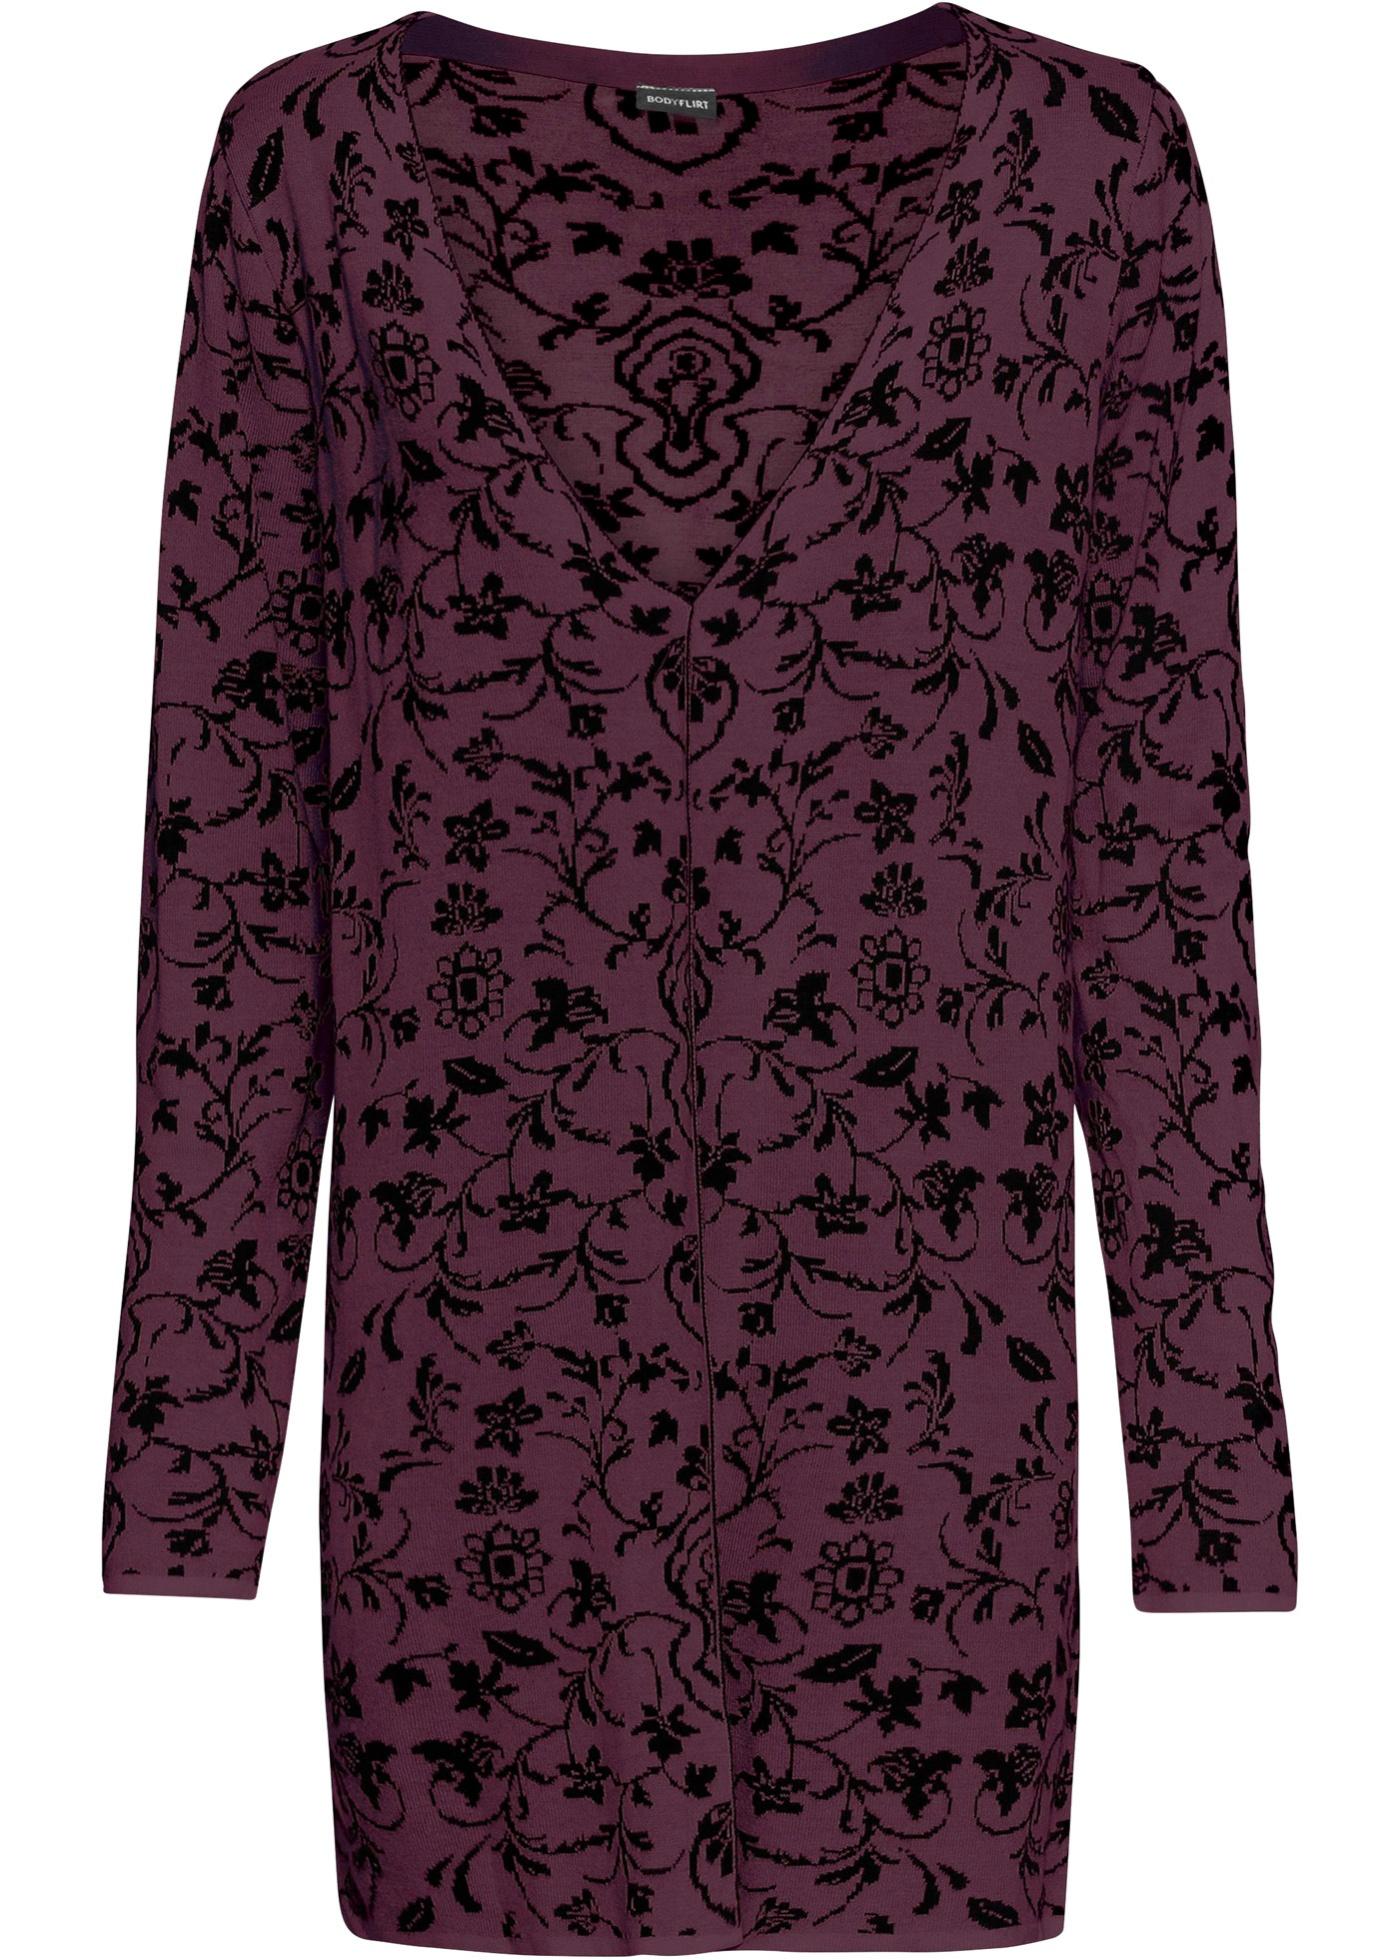 Gilet long en maille jacquard de BODYFLIRT avec motifs doux tricotés. Matière douillette et agréable à porter. Long. env. 80 cm.